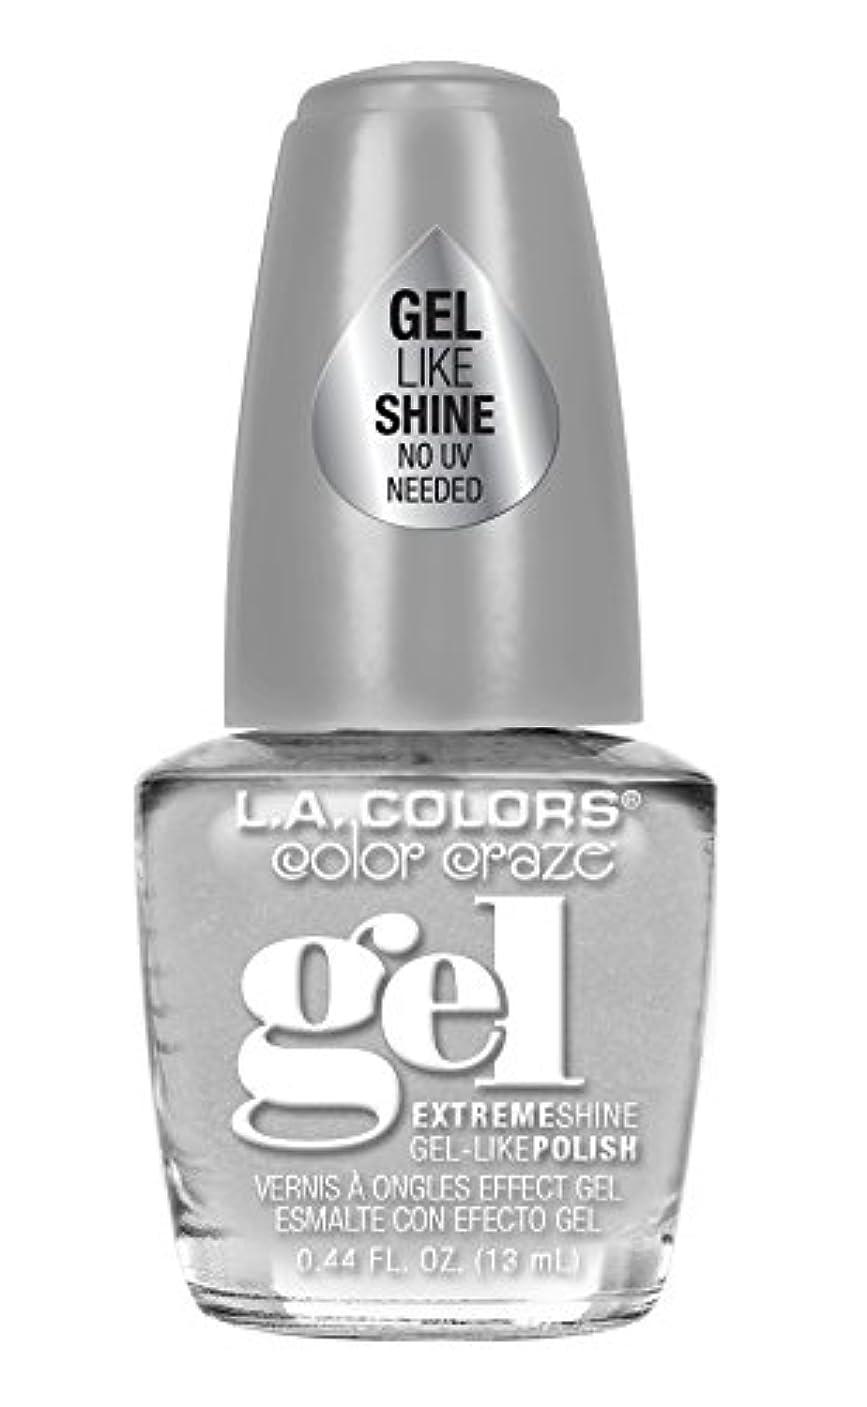 改修するキャンバスブランド名LA Colors 美容化粧品21 Cnp756美容化粧品21